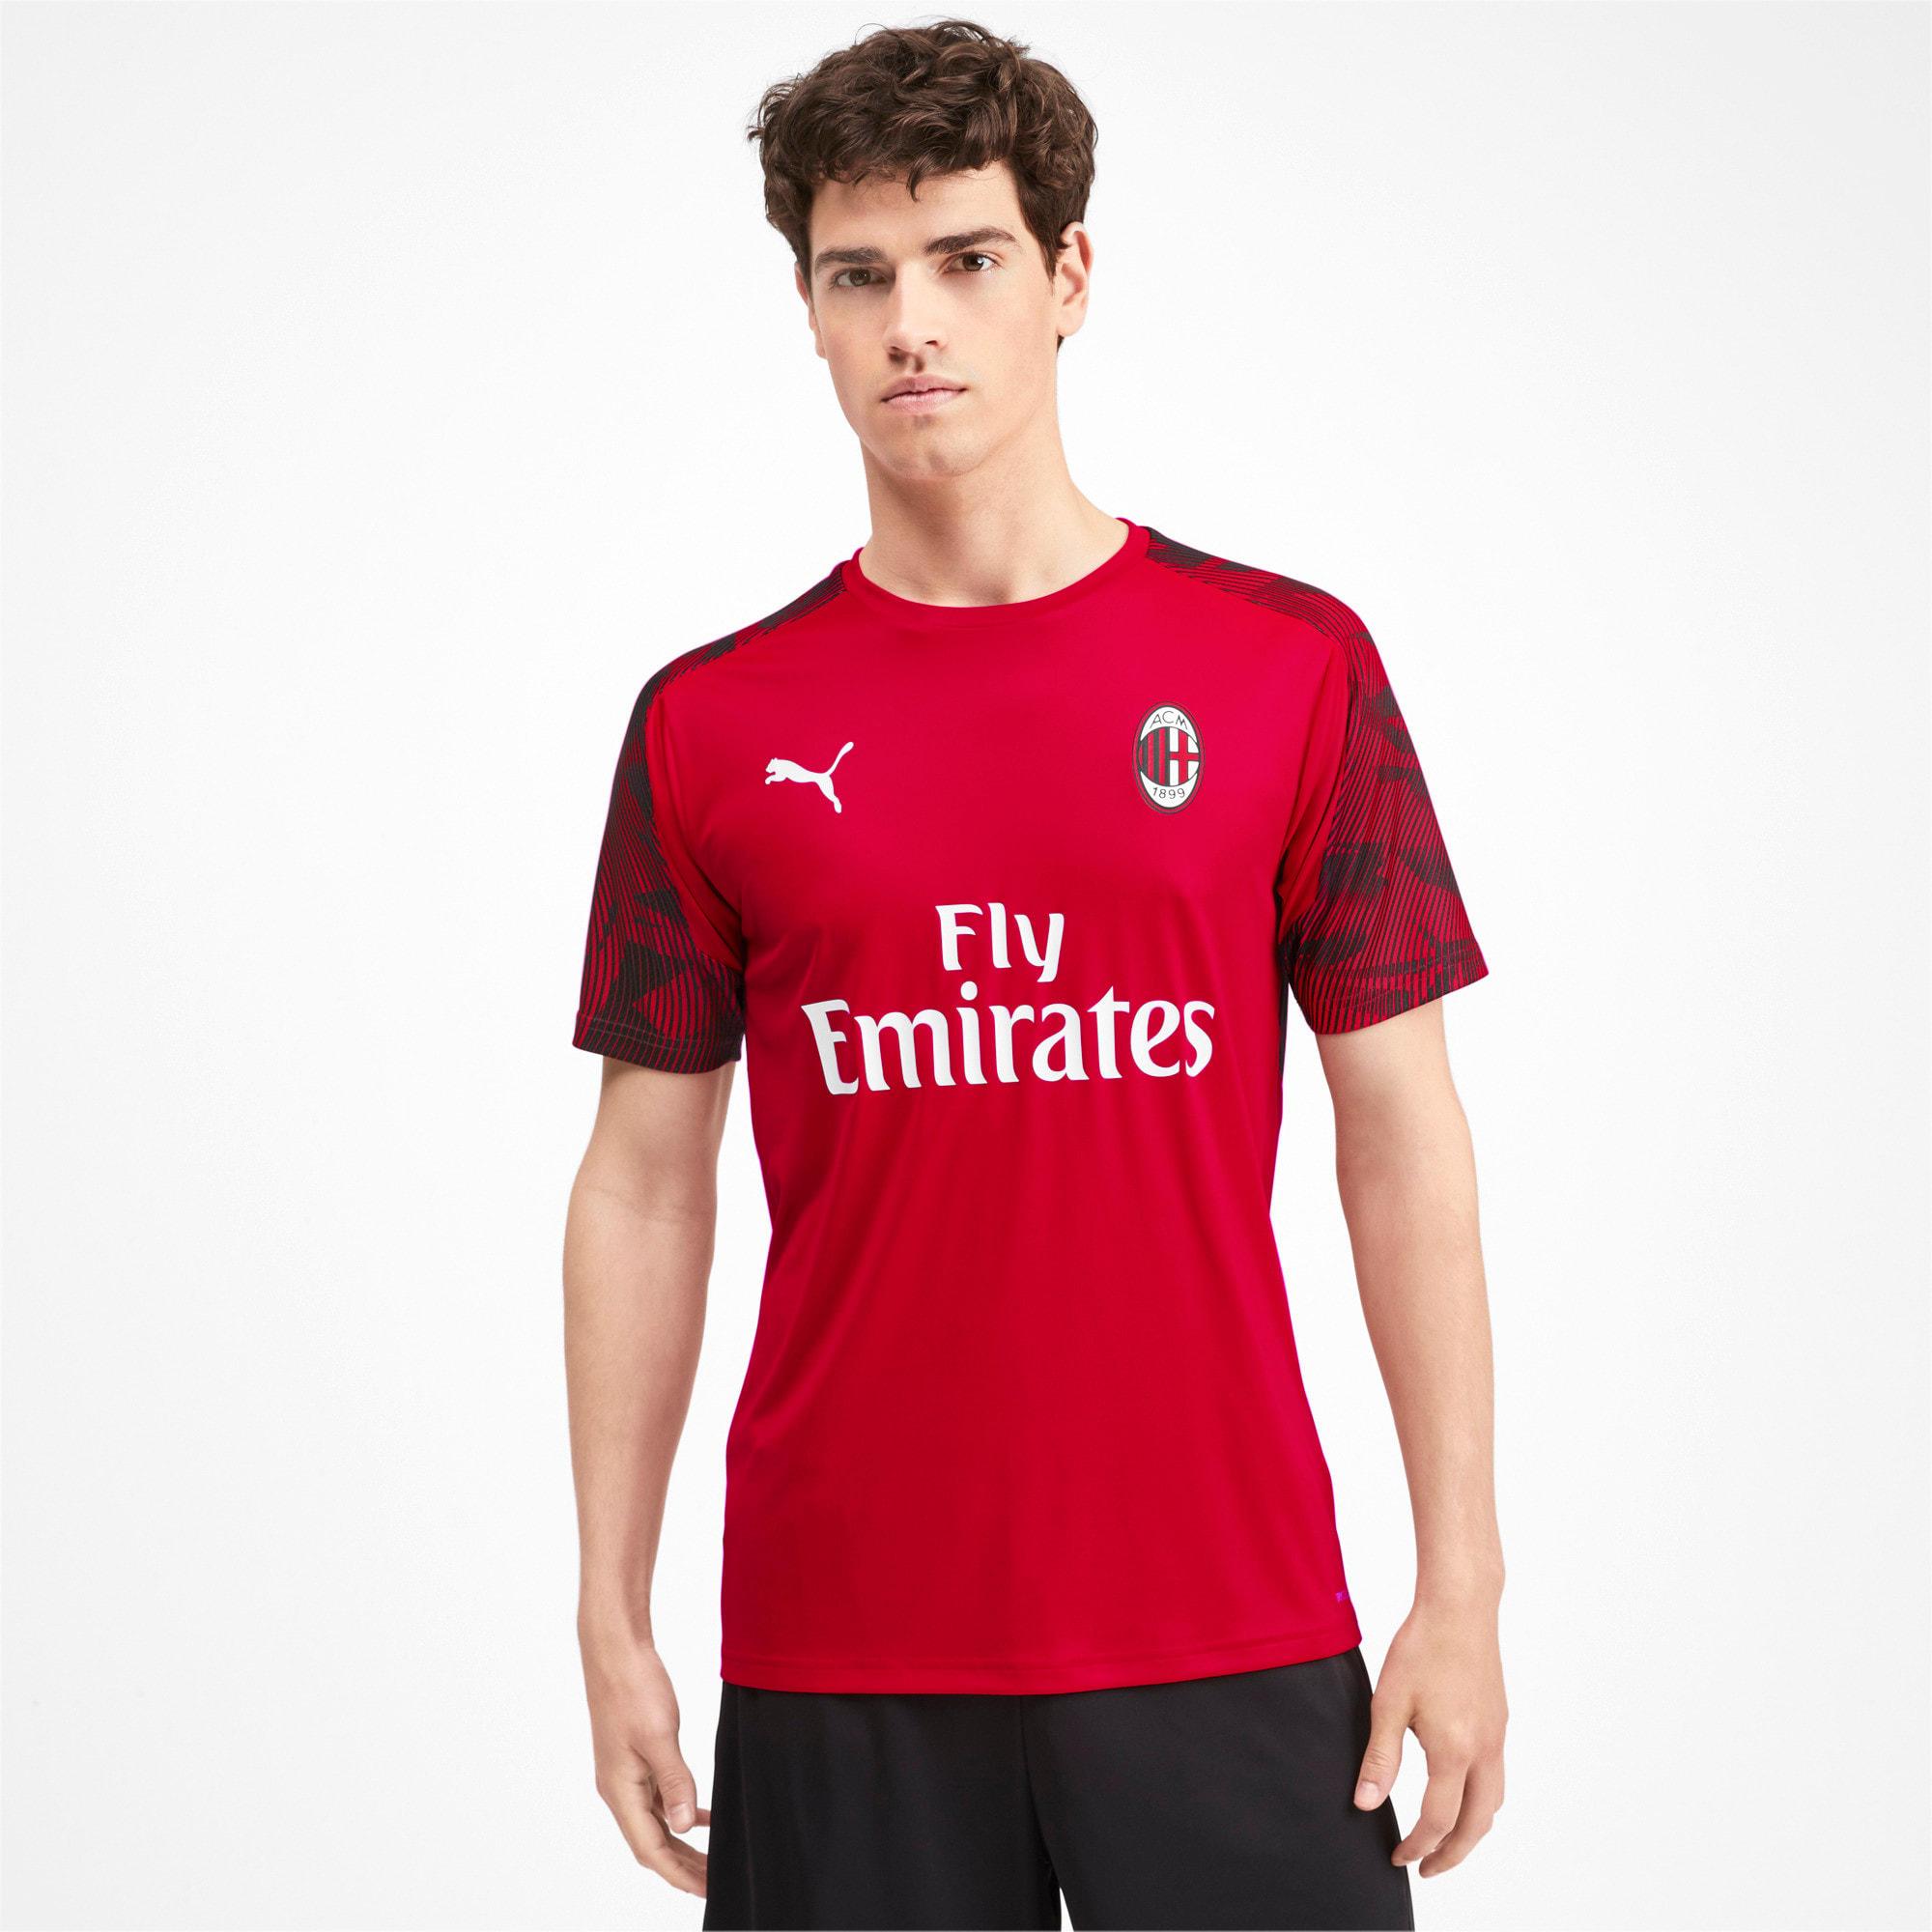 Miniatura 1 de Camiseta de entrenamiento AC Milan para hombre, Tango Red -Puma Black, mediano